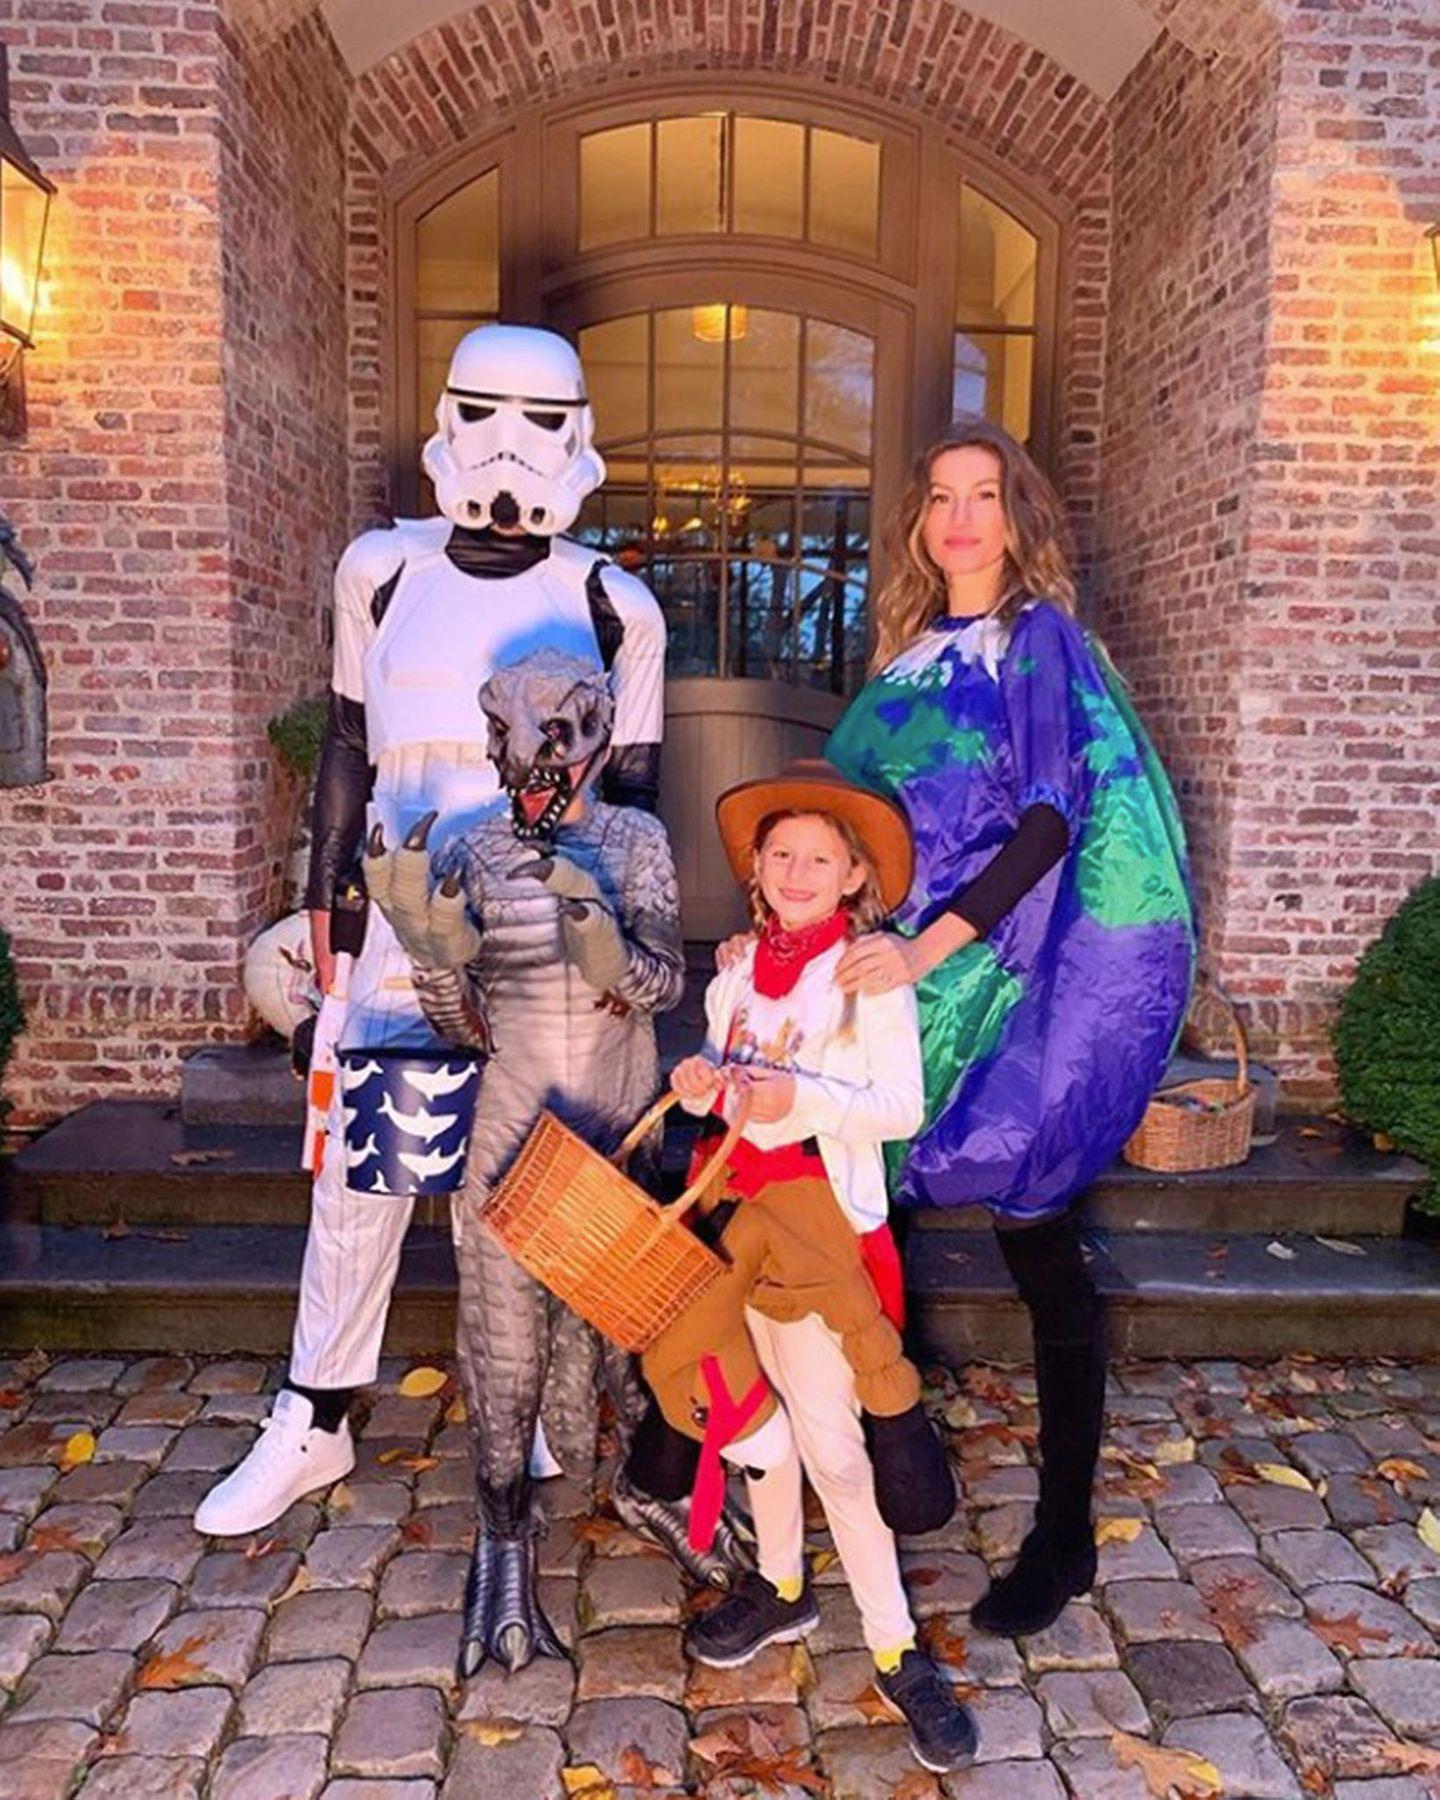 Ob Stormtrooper, Monster, Cowgirl oder Weltkugel: FamilieBündchen-Brady hat ihren Halloween-Spaß jeder, wie er will.